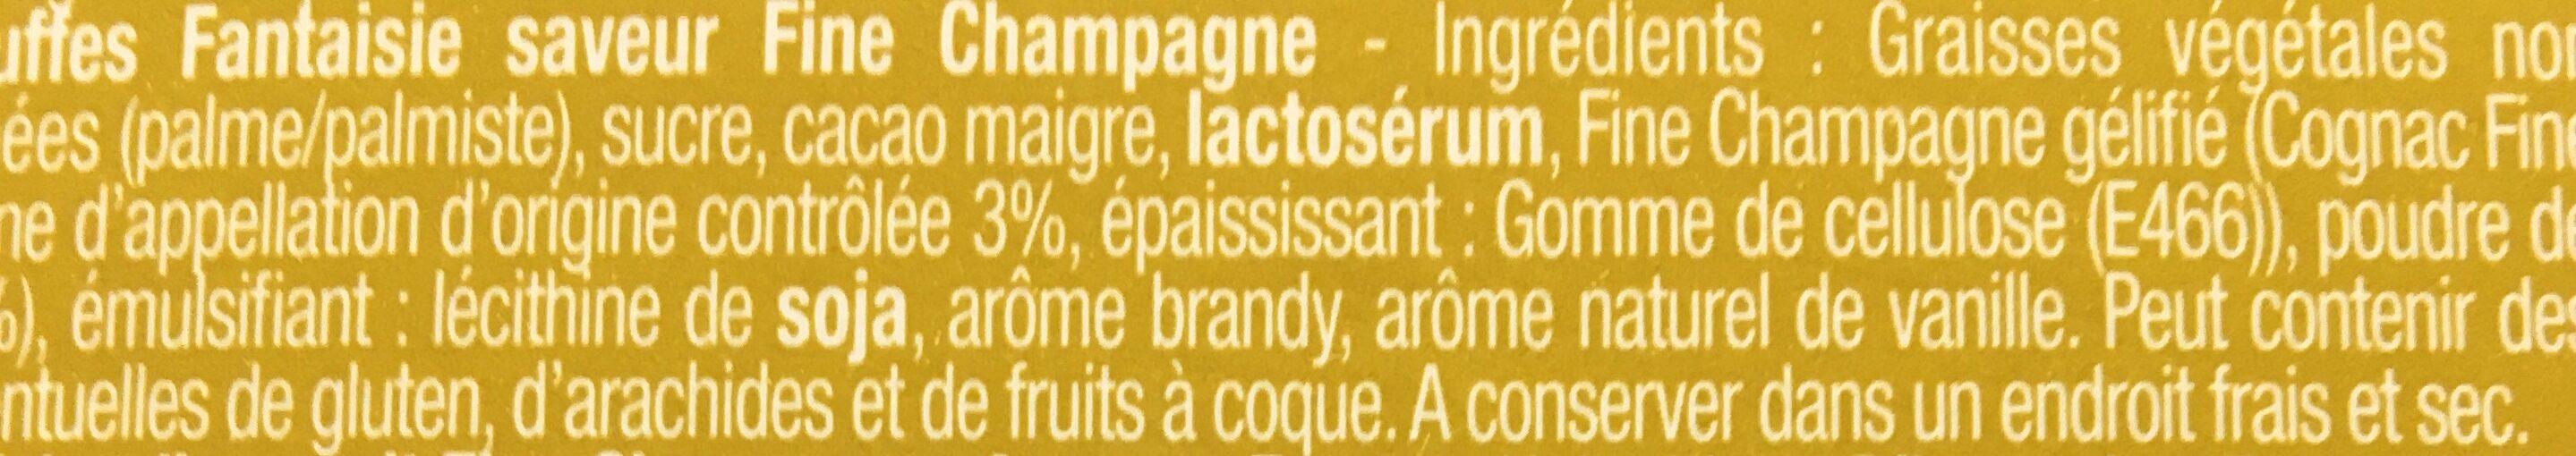 Chocmod Truffettes De France Fine Champagne French Truffles 200 G (pack of 4) - Ingrediënten - fr